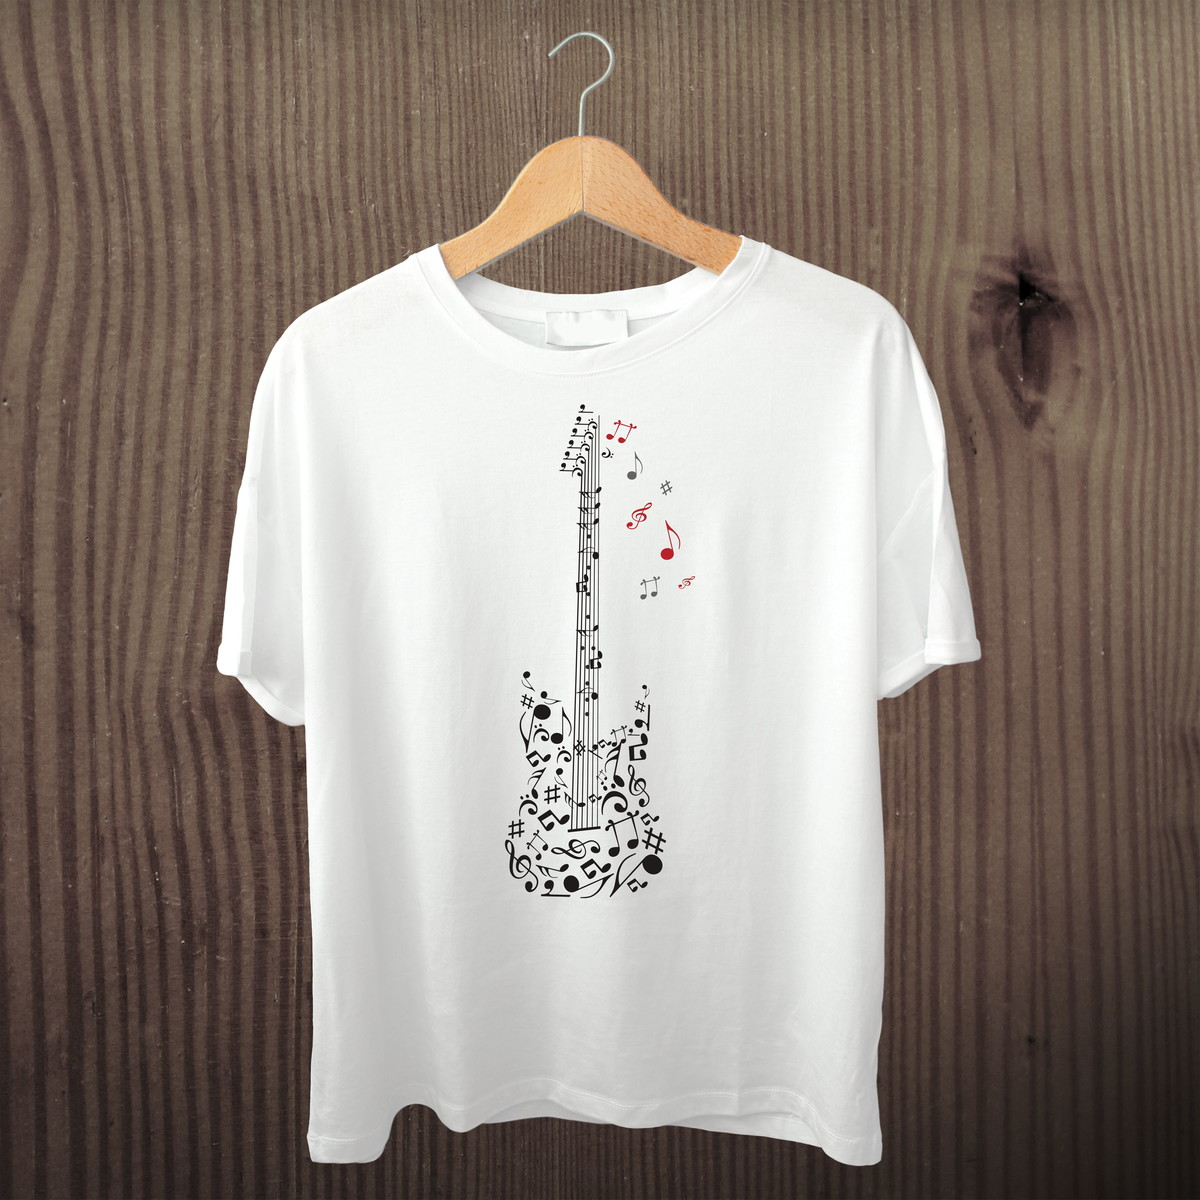 f2debd6cf5 Camiseta Personalizada Guitarra Notas Musicais no Elo7 ...